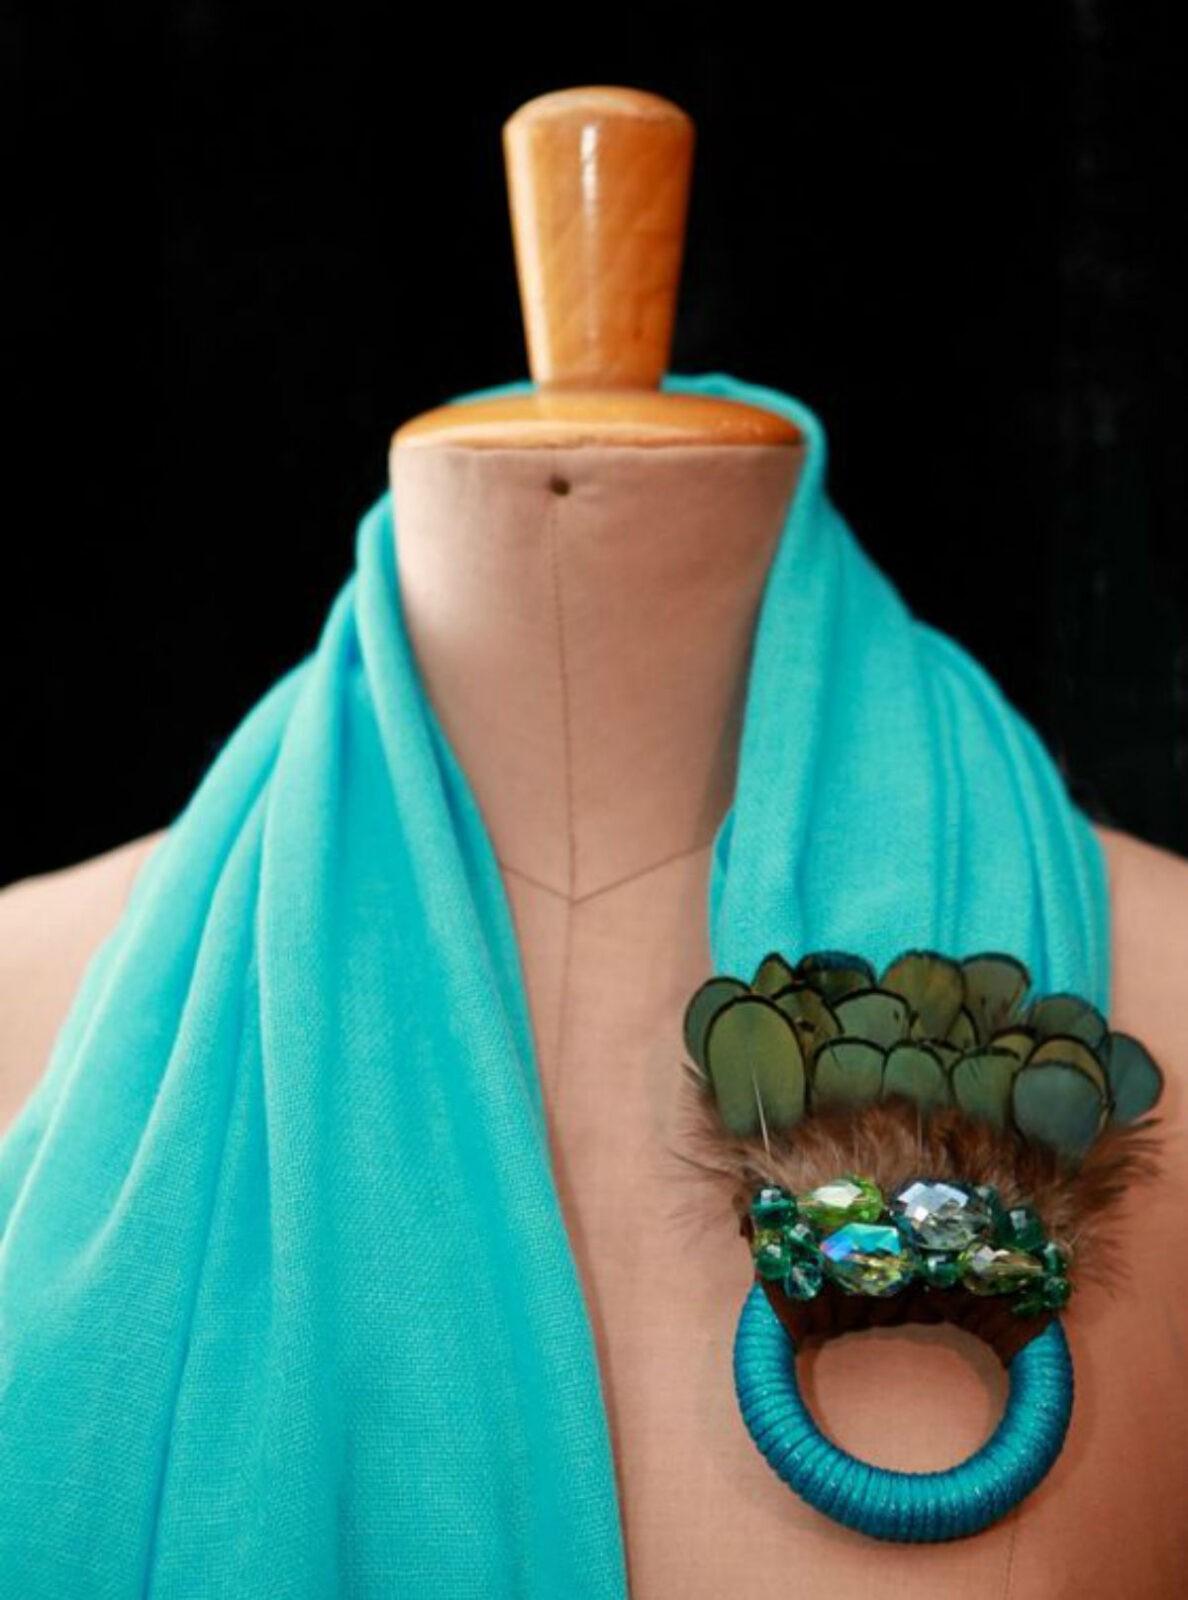 Оригинальные идеи, как превратить обычный шарф в колье